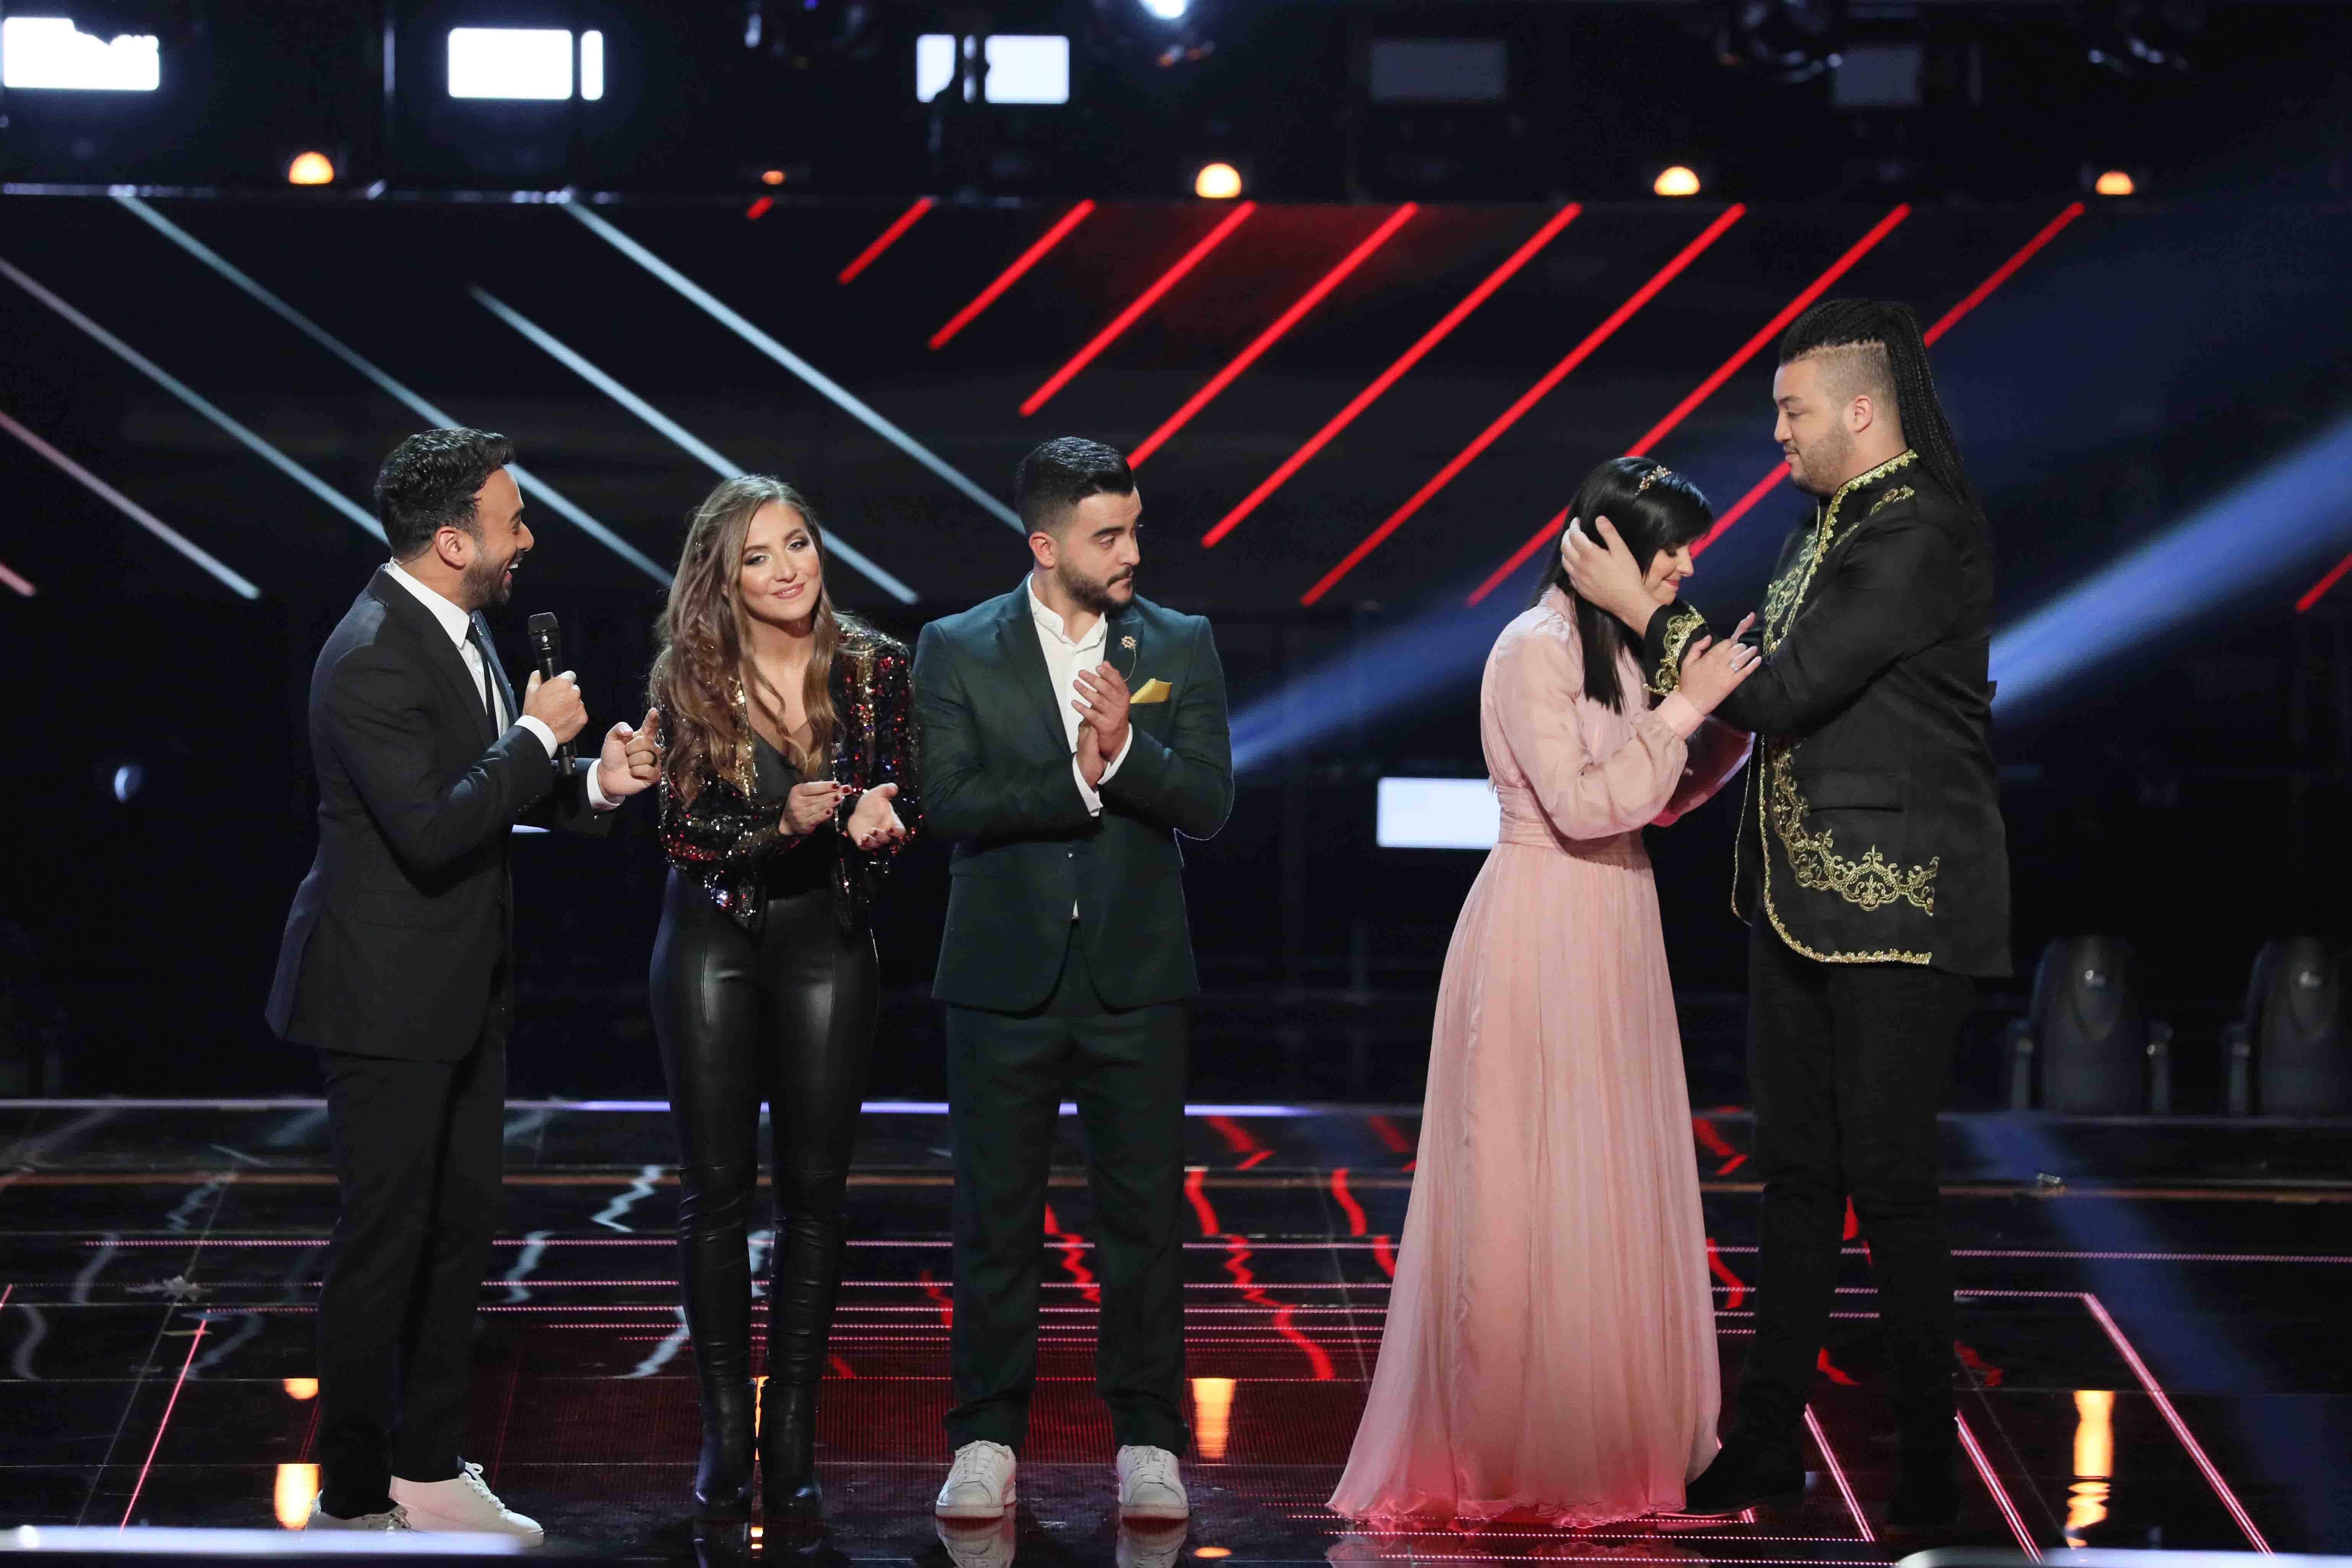 """12 مشتركا يتأهلون إلى ربع النهائيات ويكملون رحلة المنافسة على اللقب من """"The Voice"""""""